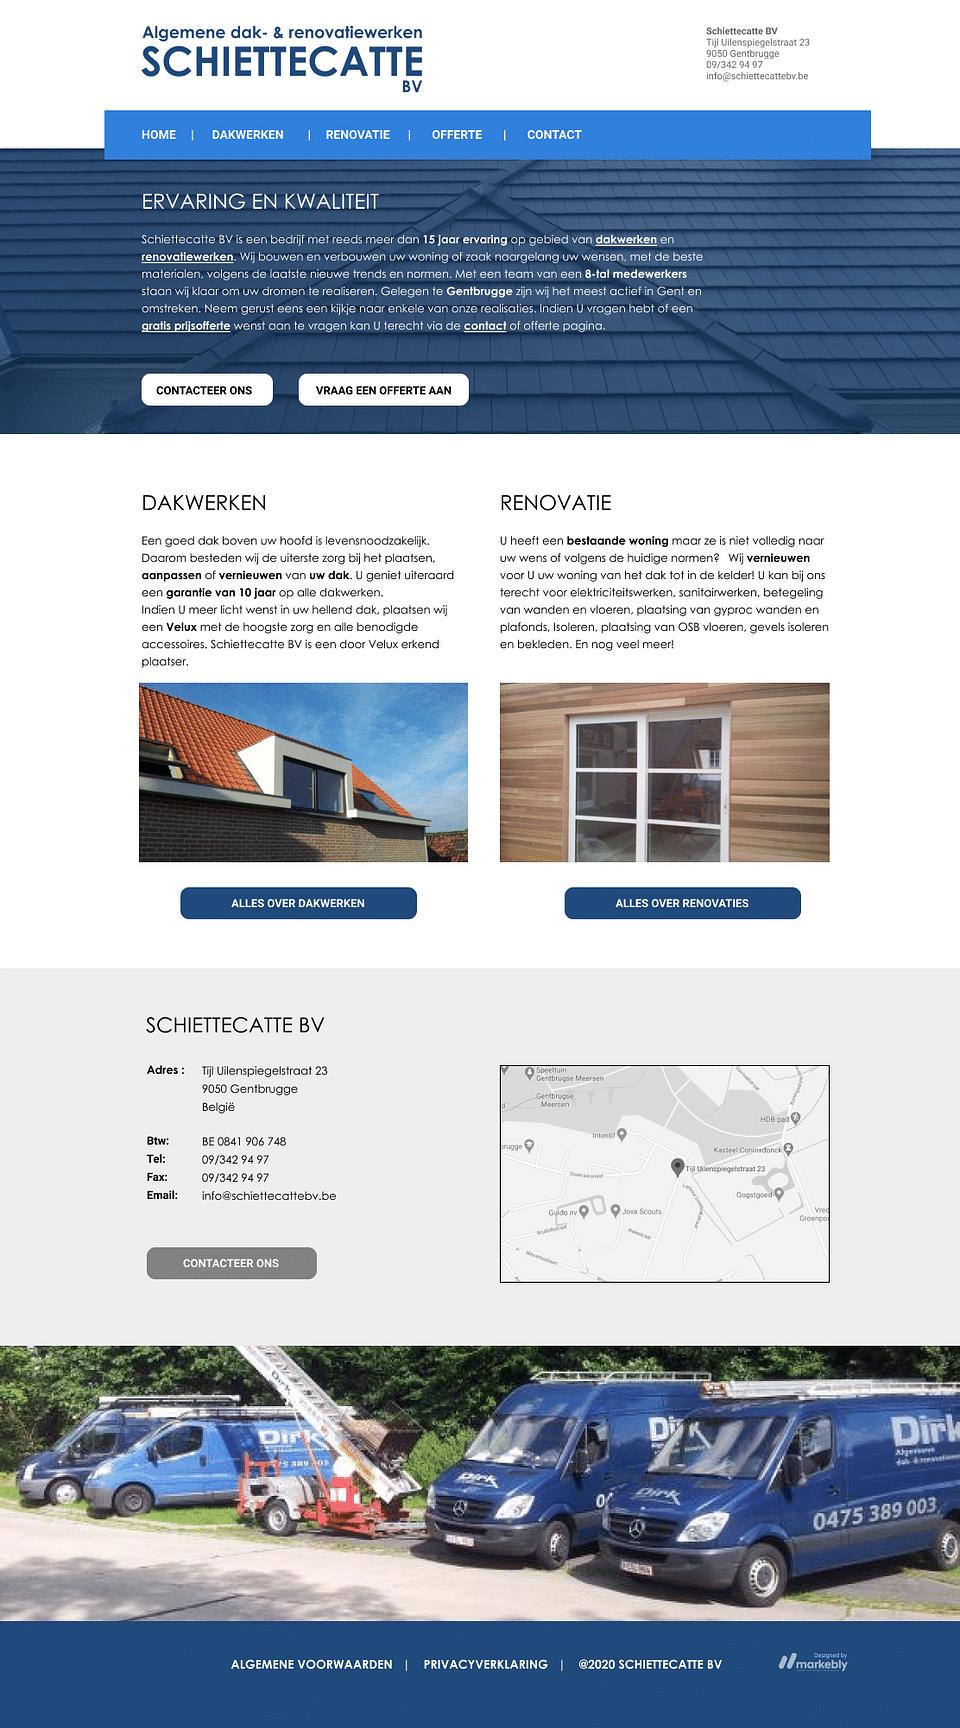 Website for Schiettecatte BV